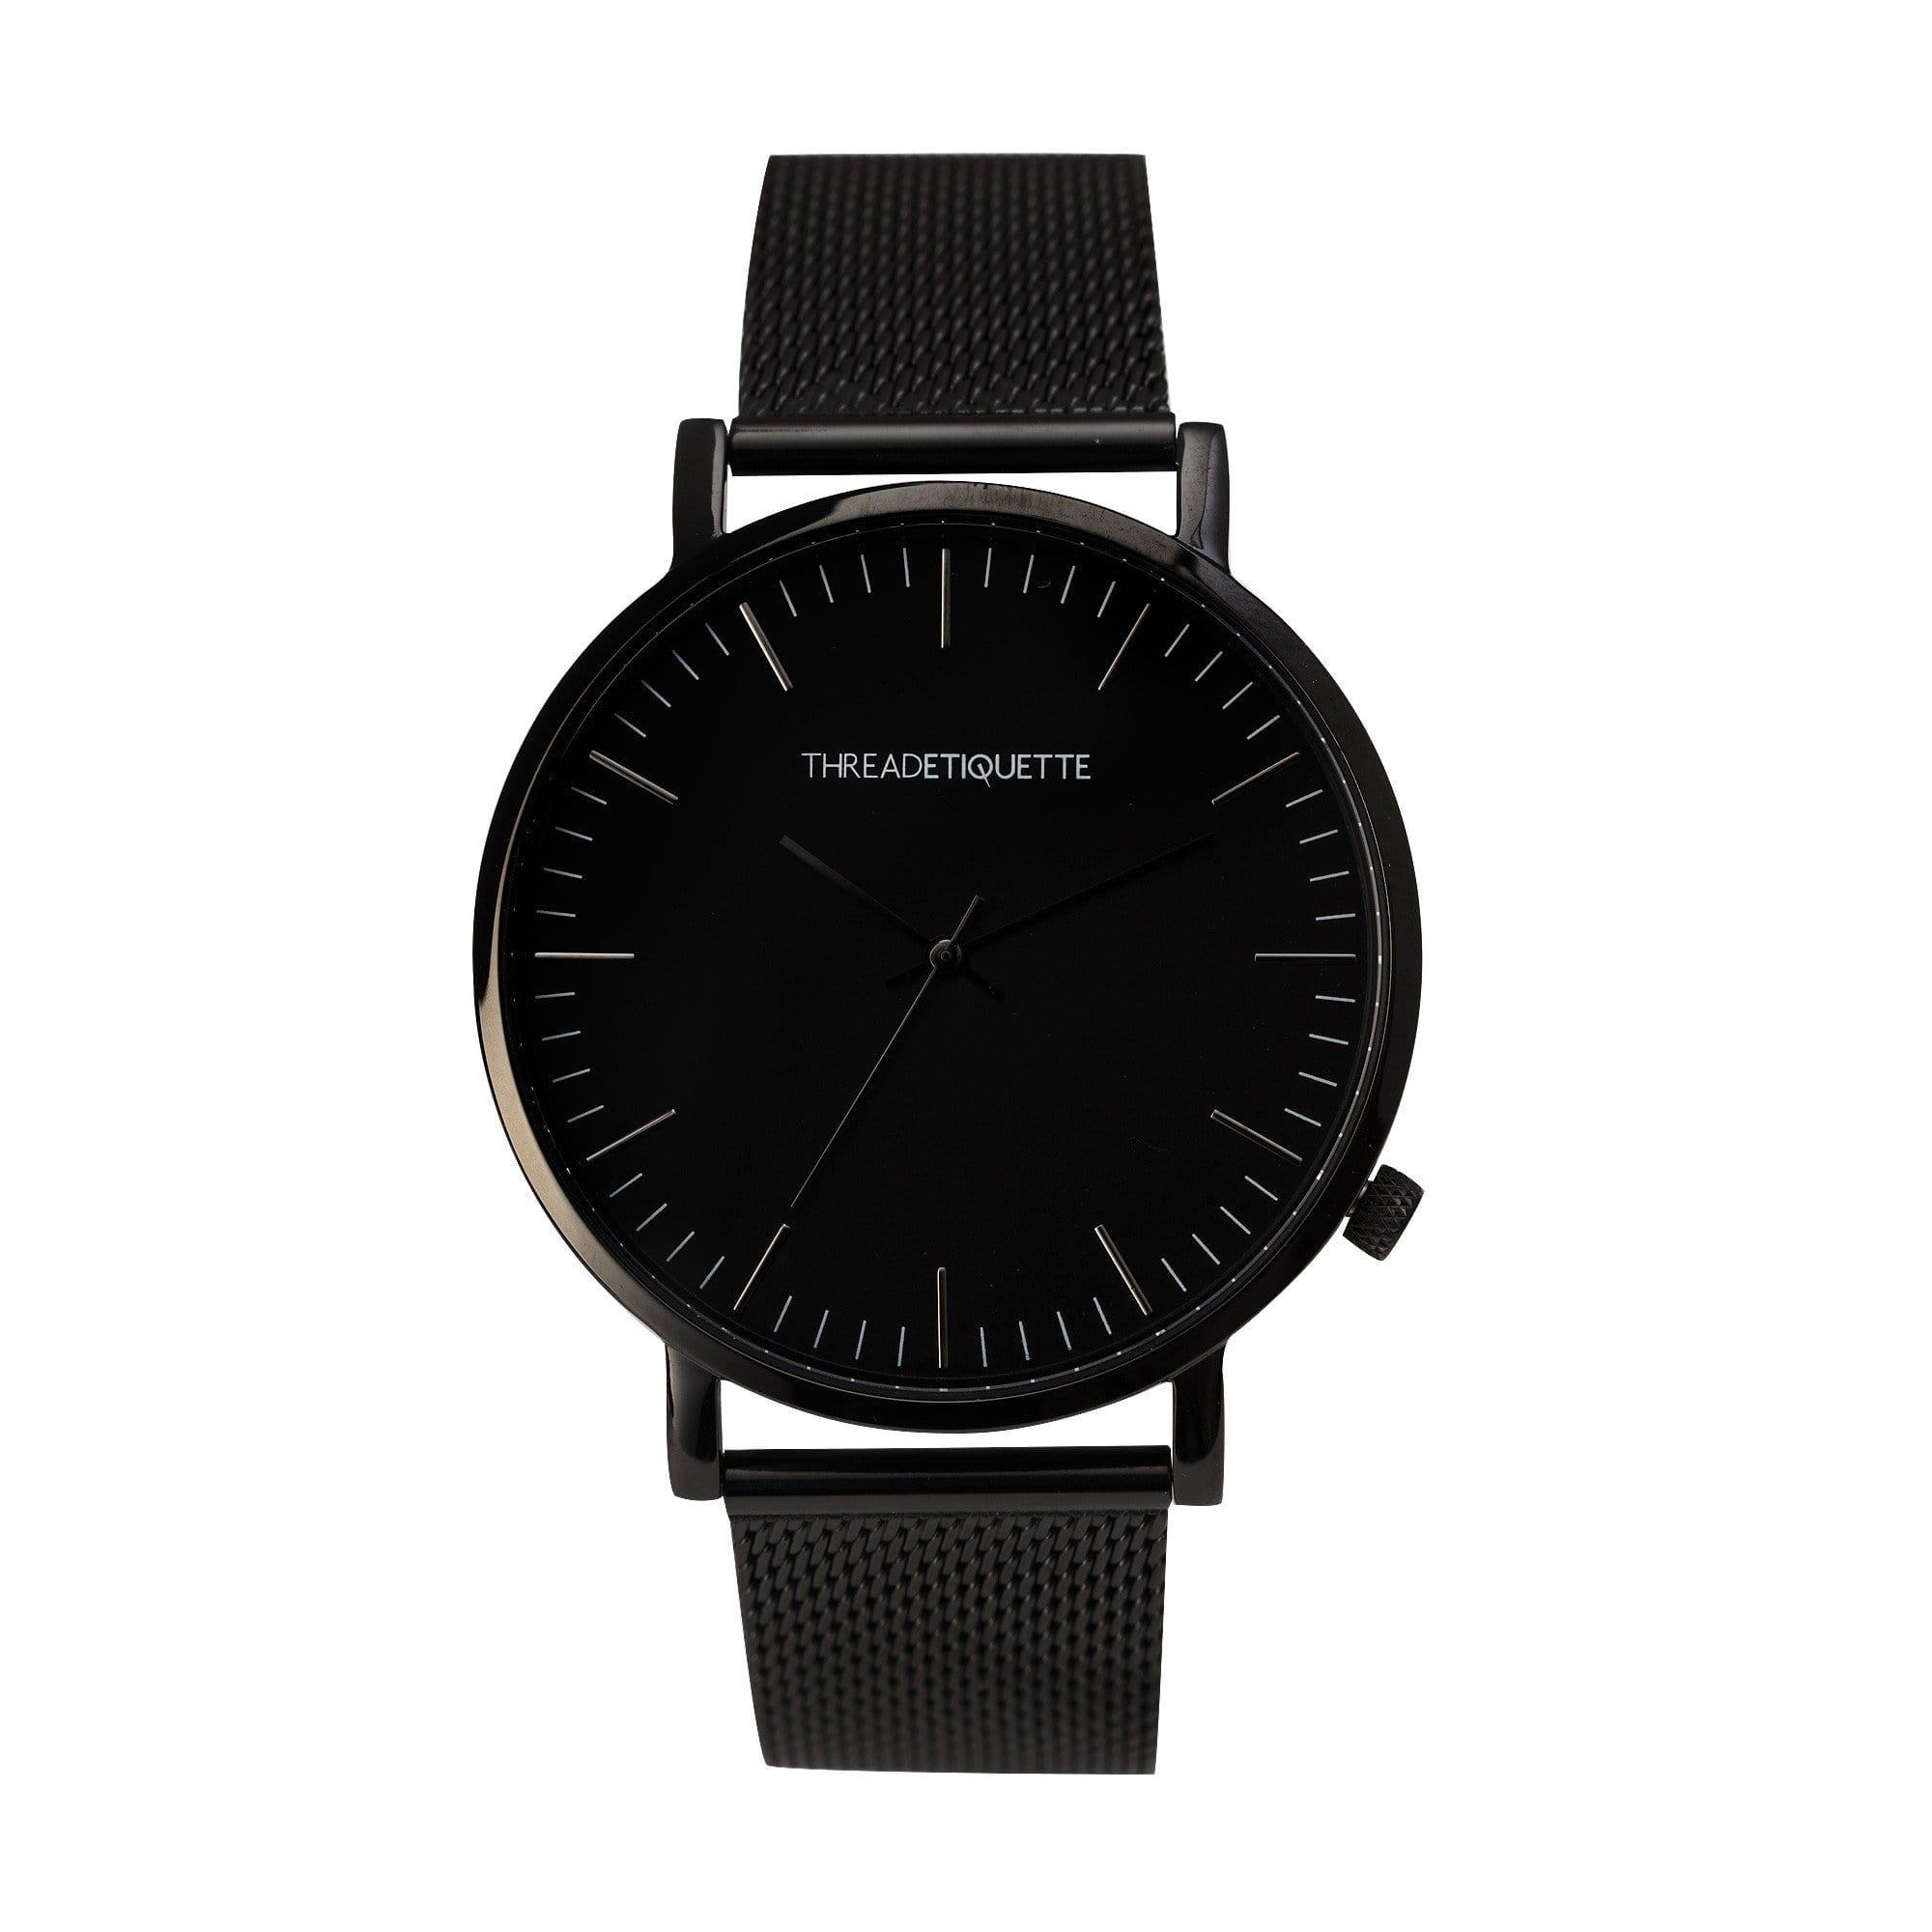 Thread Etiquette Classic - Black Mesh Timepiece